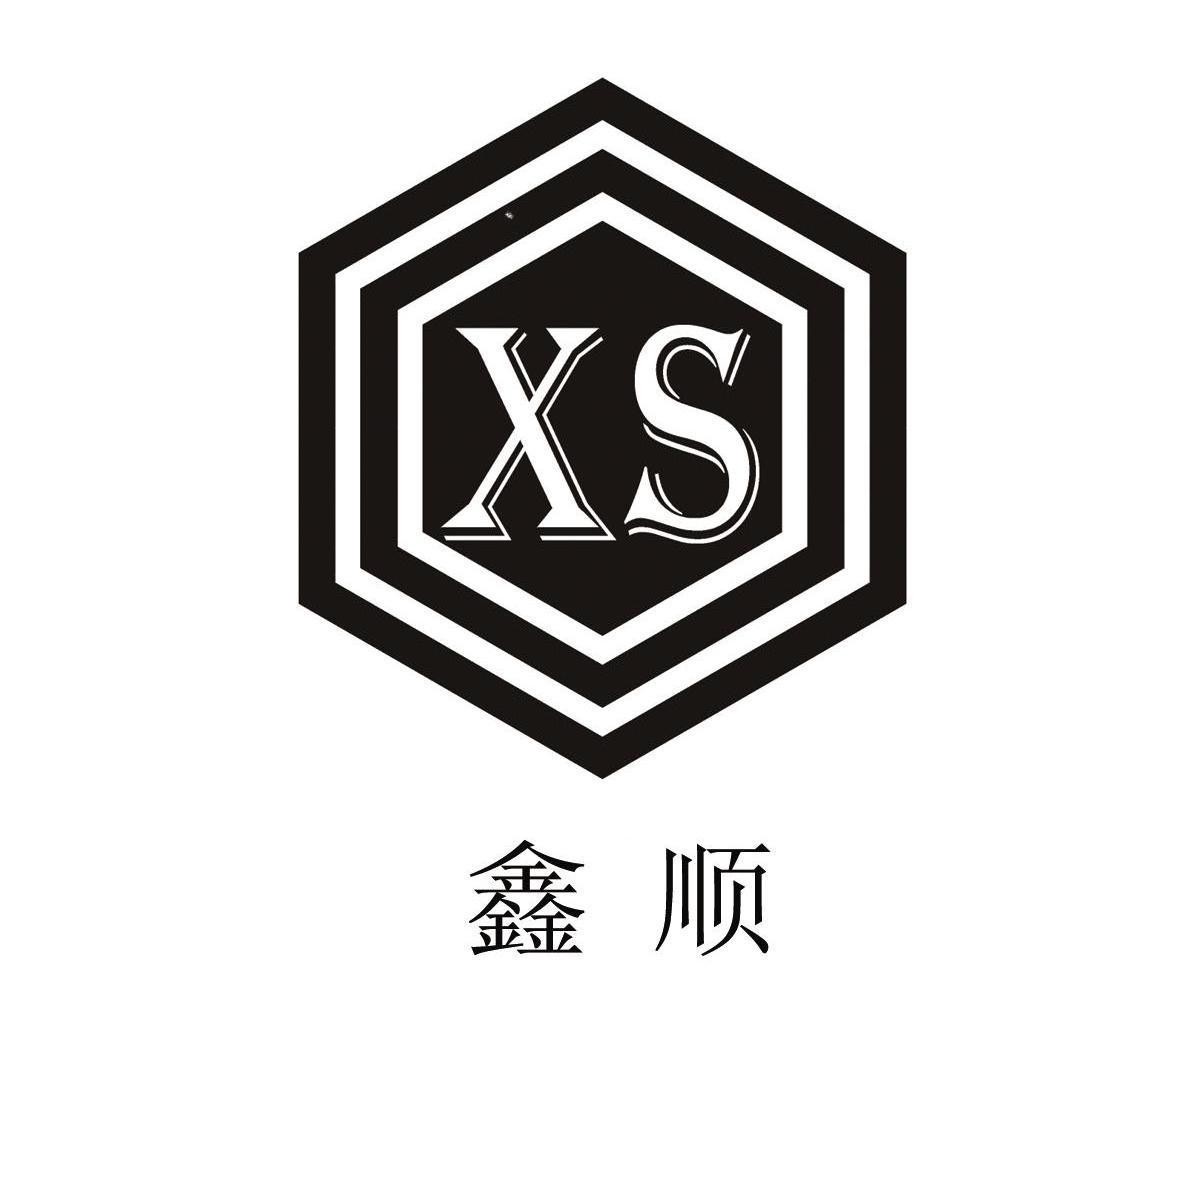 商标文字鑫顺 XS商标注册号 12729751、商标申请人黑龙江省鑫顺石墨有限责任公司的商标详情 - 标库网商标查询